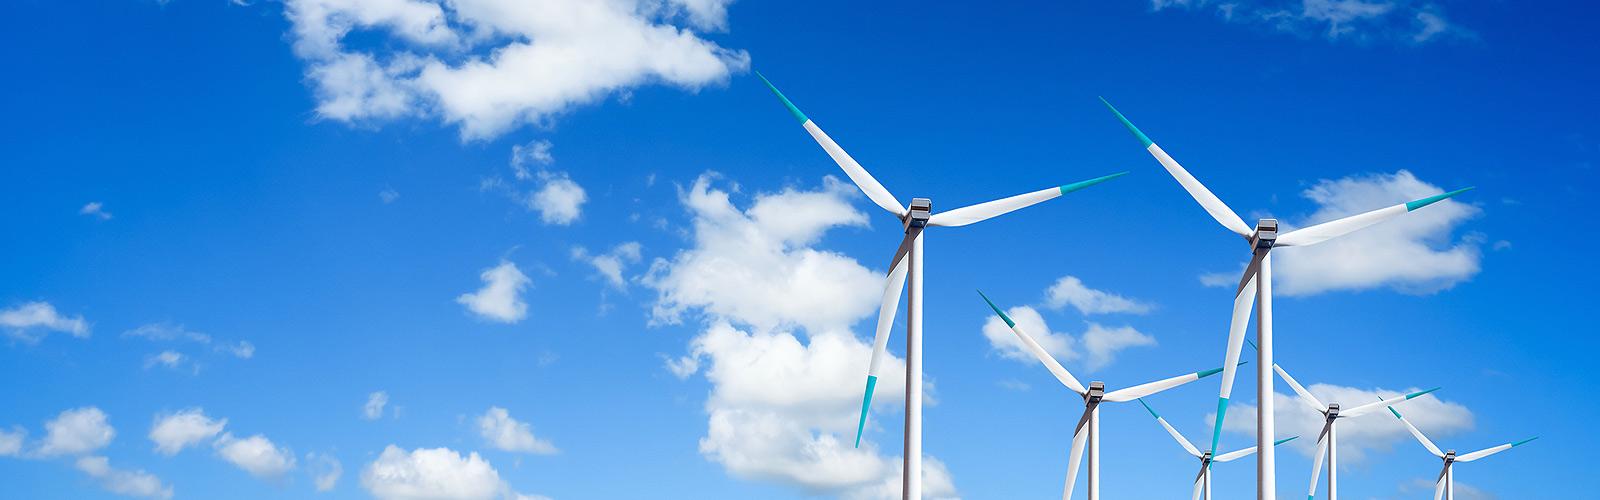 Windkauf GmbH Windenergie Ausschreibung Einkaufsgemeinschaft